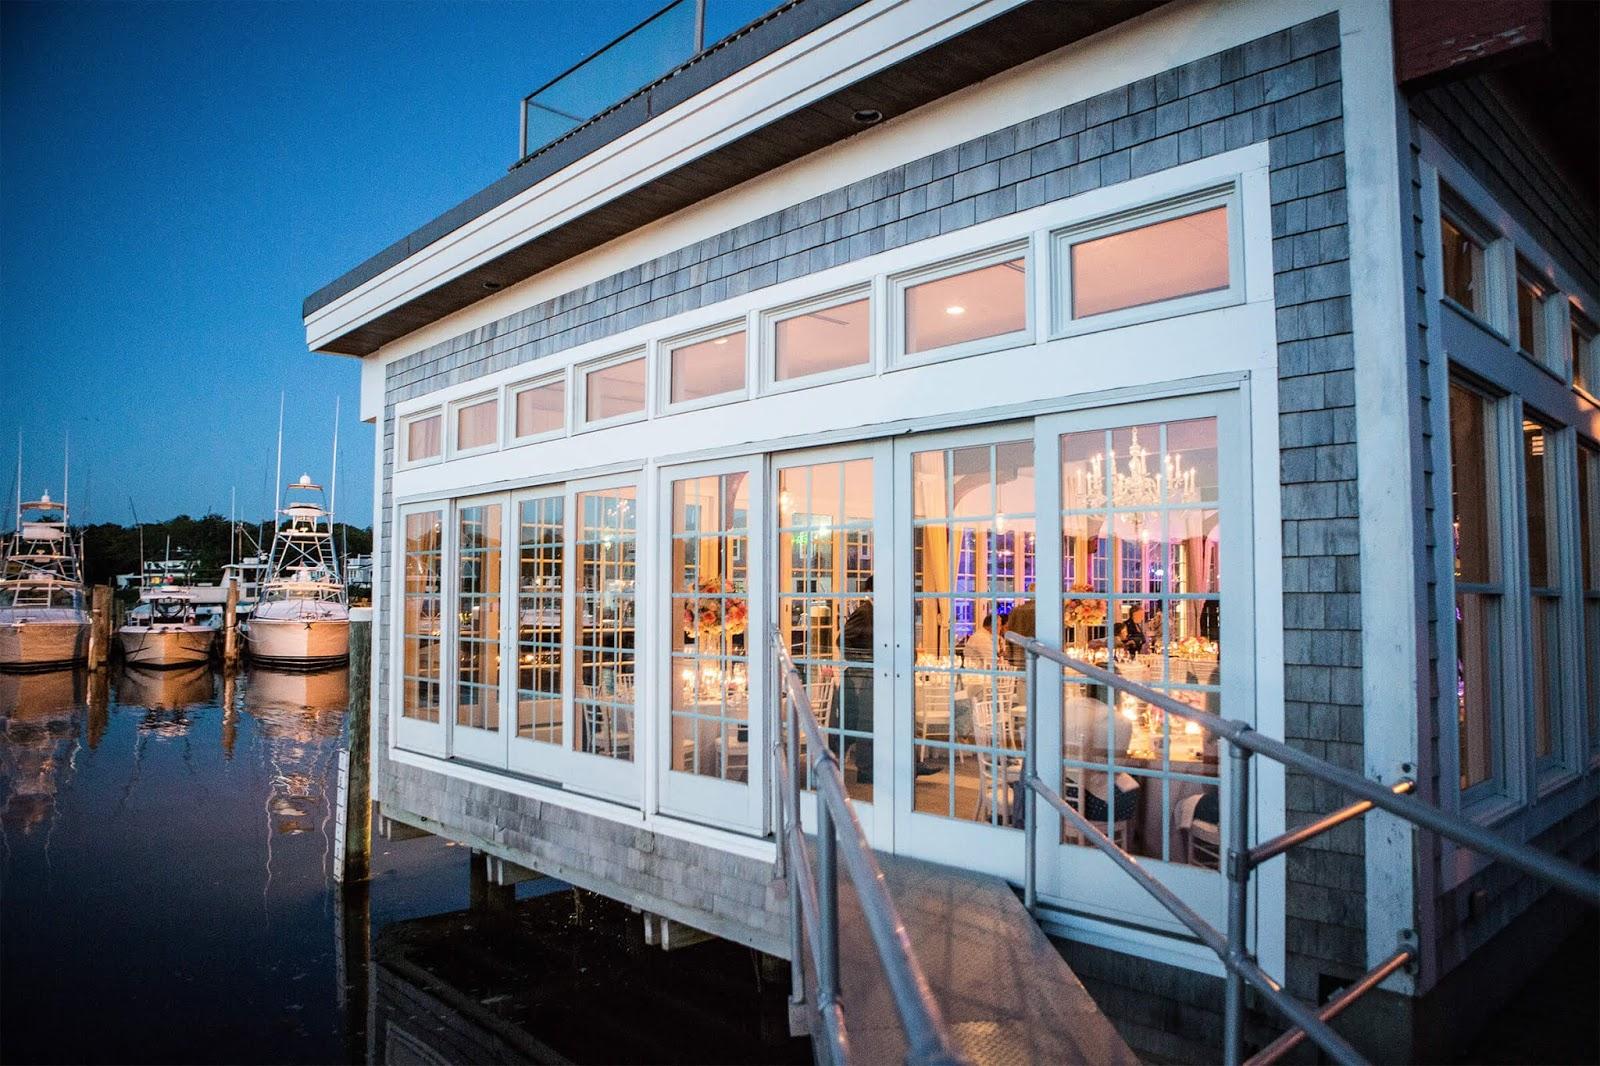 Wychmere Beach Club Wedding Reception Venue